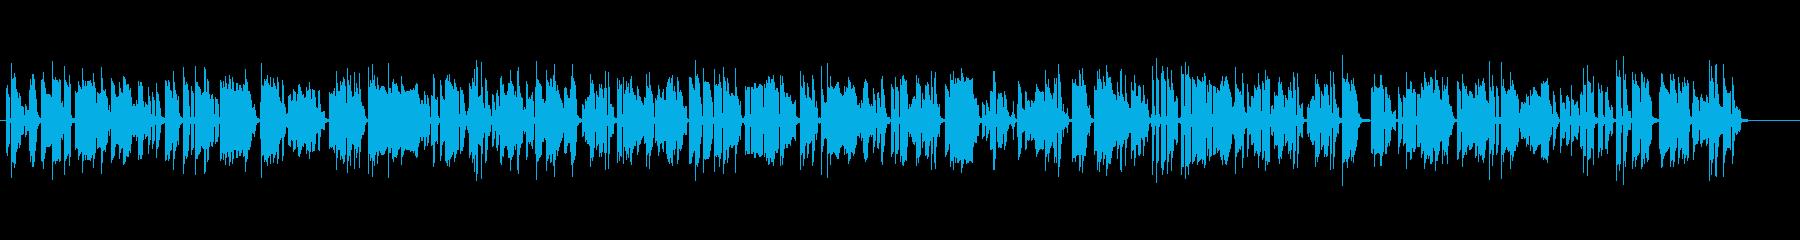 古めかしい、ほのぼの、オールドジャズの再生済みの波形